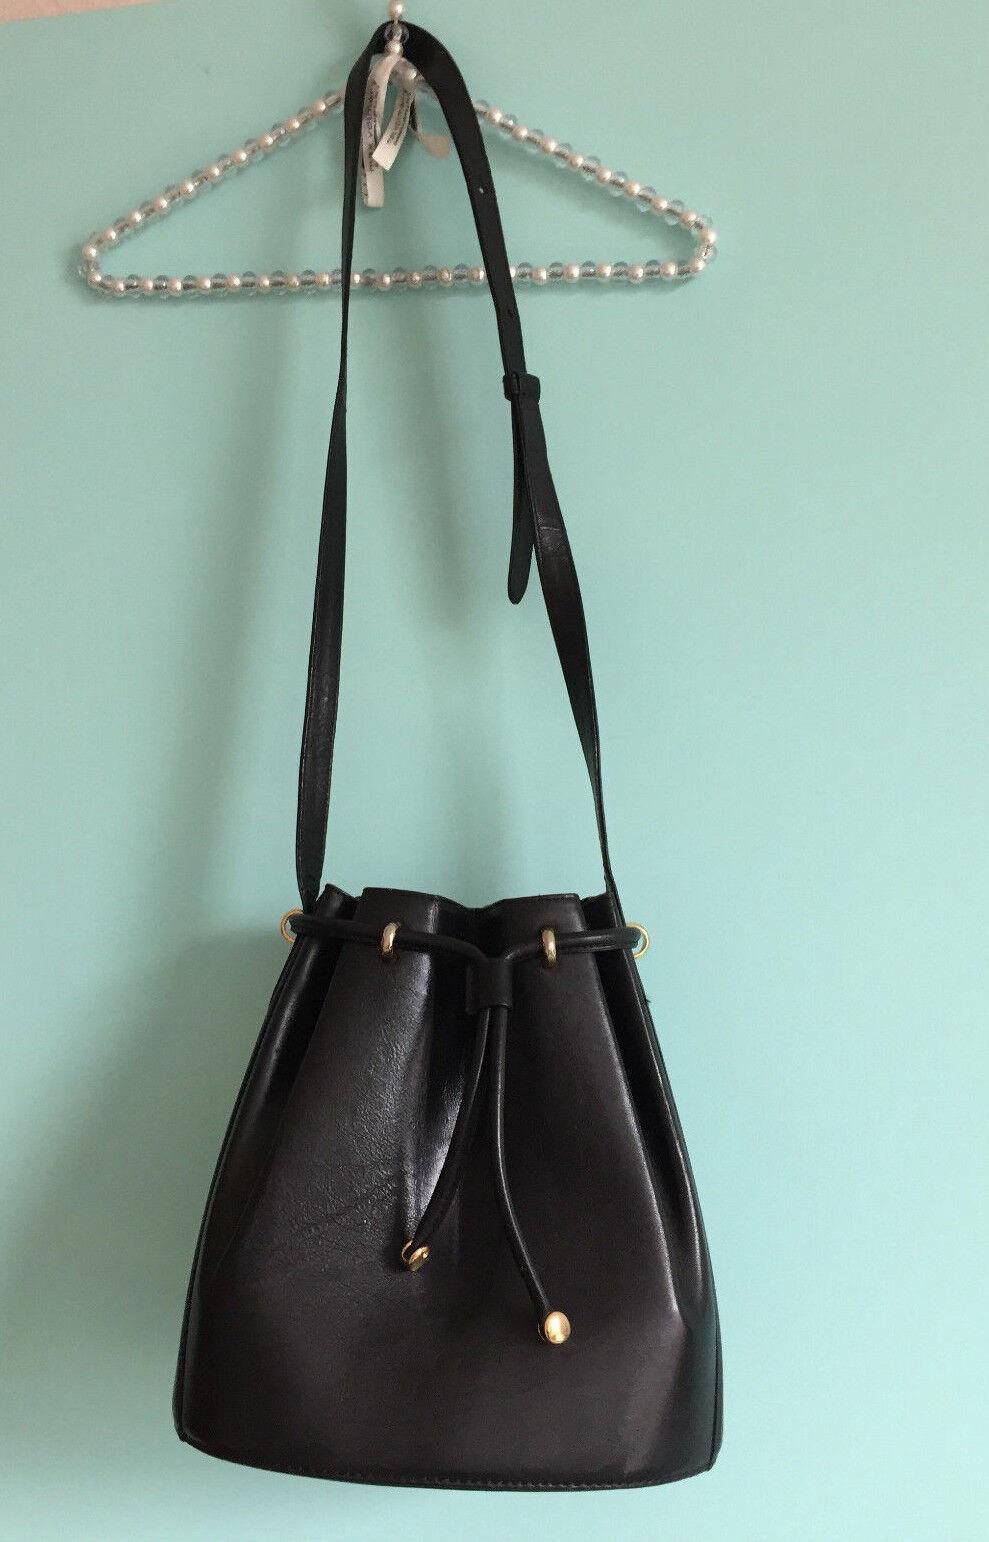 Bally Sac Leder Beutel Beutel Beutel Crossbody Vintage Luxus Boho Tasche Ledertasche Blogger | Zu verkaufen  | Deutschland  | Kompletter Spezifikationsbereich  25a5ab